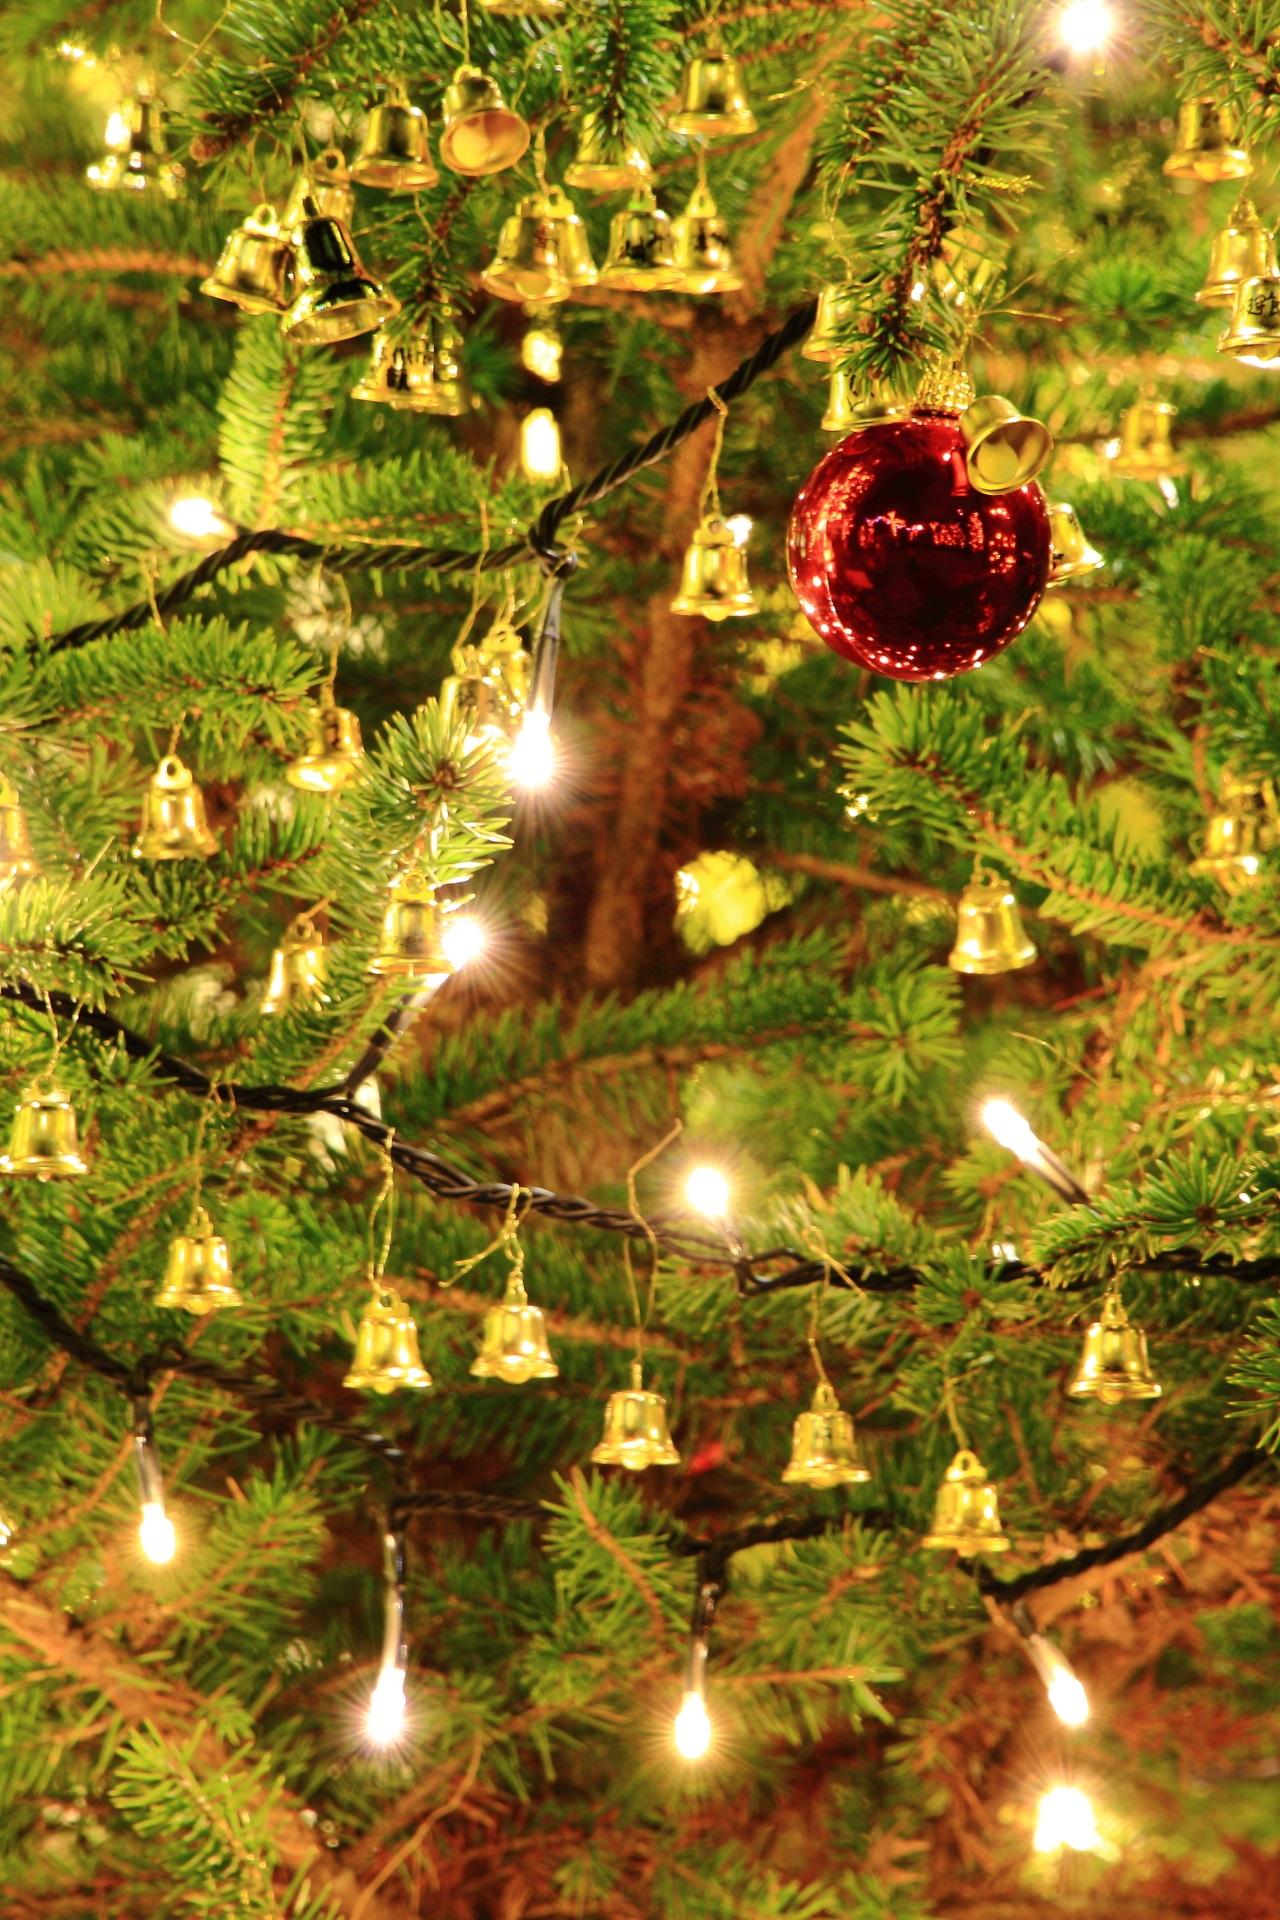 イルミネーションの施されたクリスマスツリー